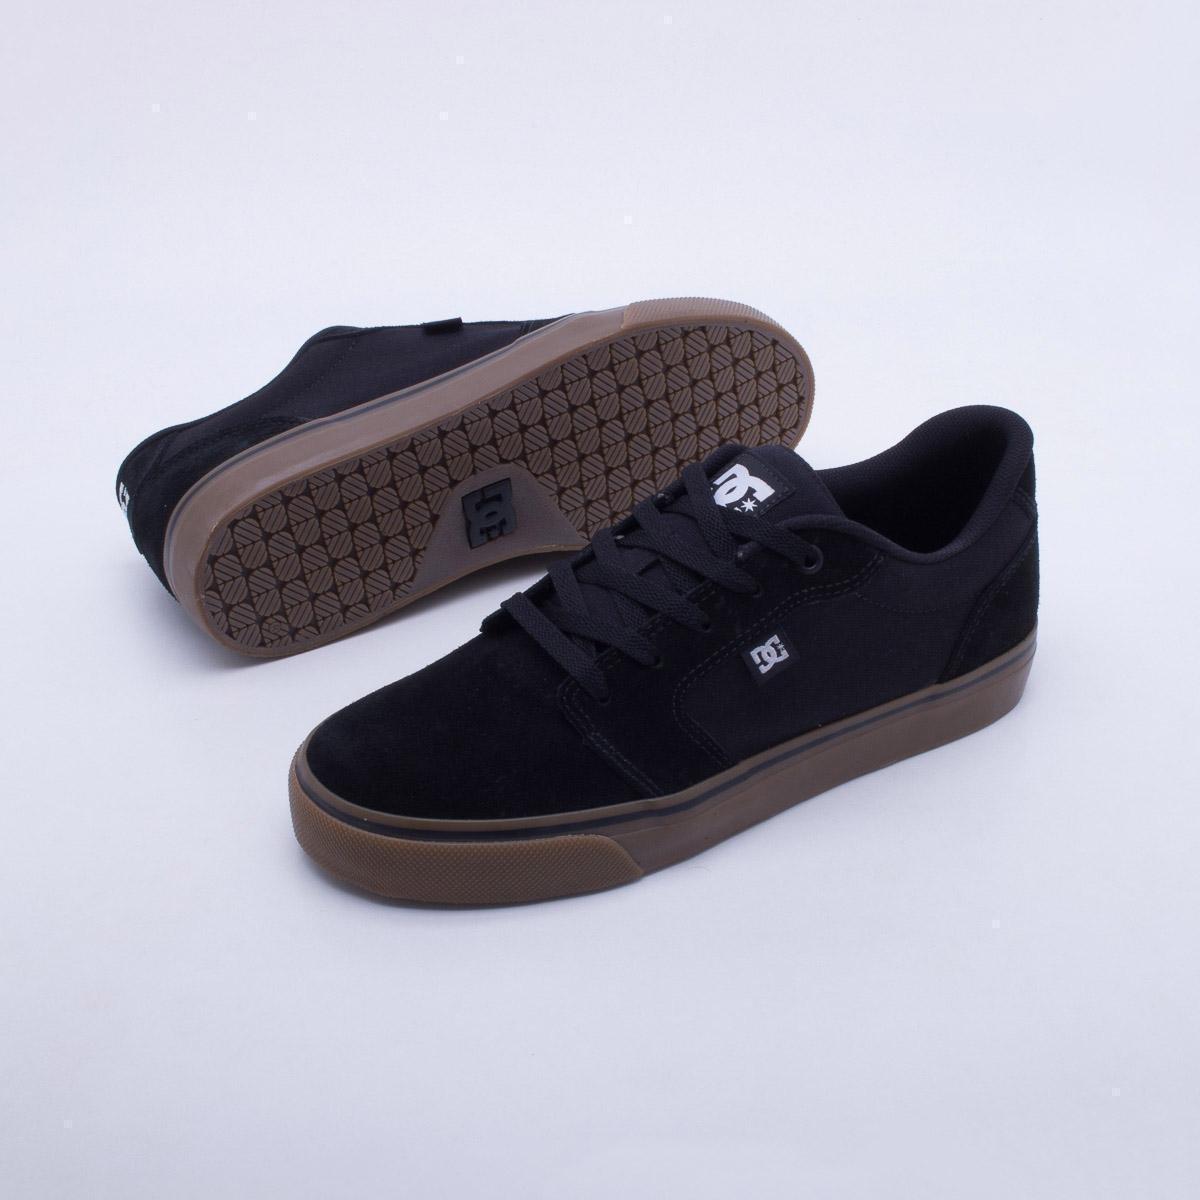 849e565cf2 Tênis DC Shoes Anvil La Masculino - Preto e Chumbo - Compre Agora ...